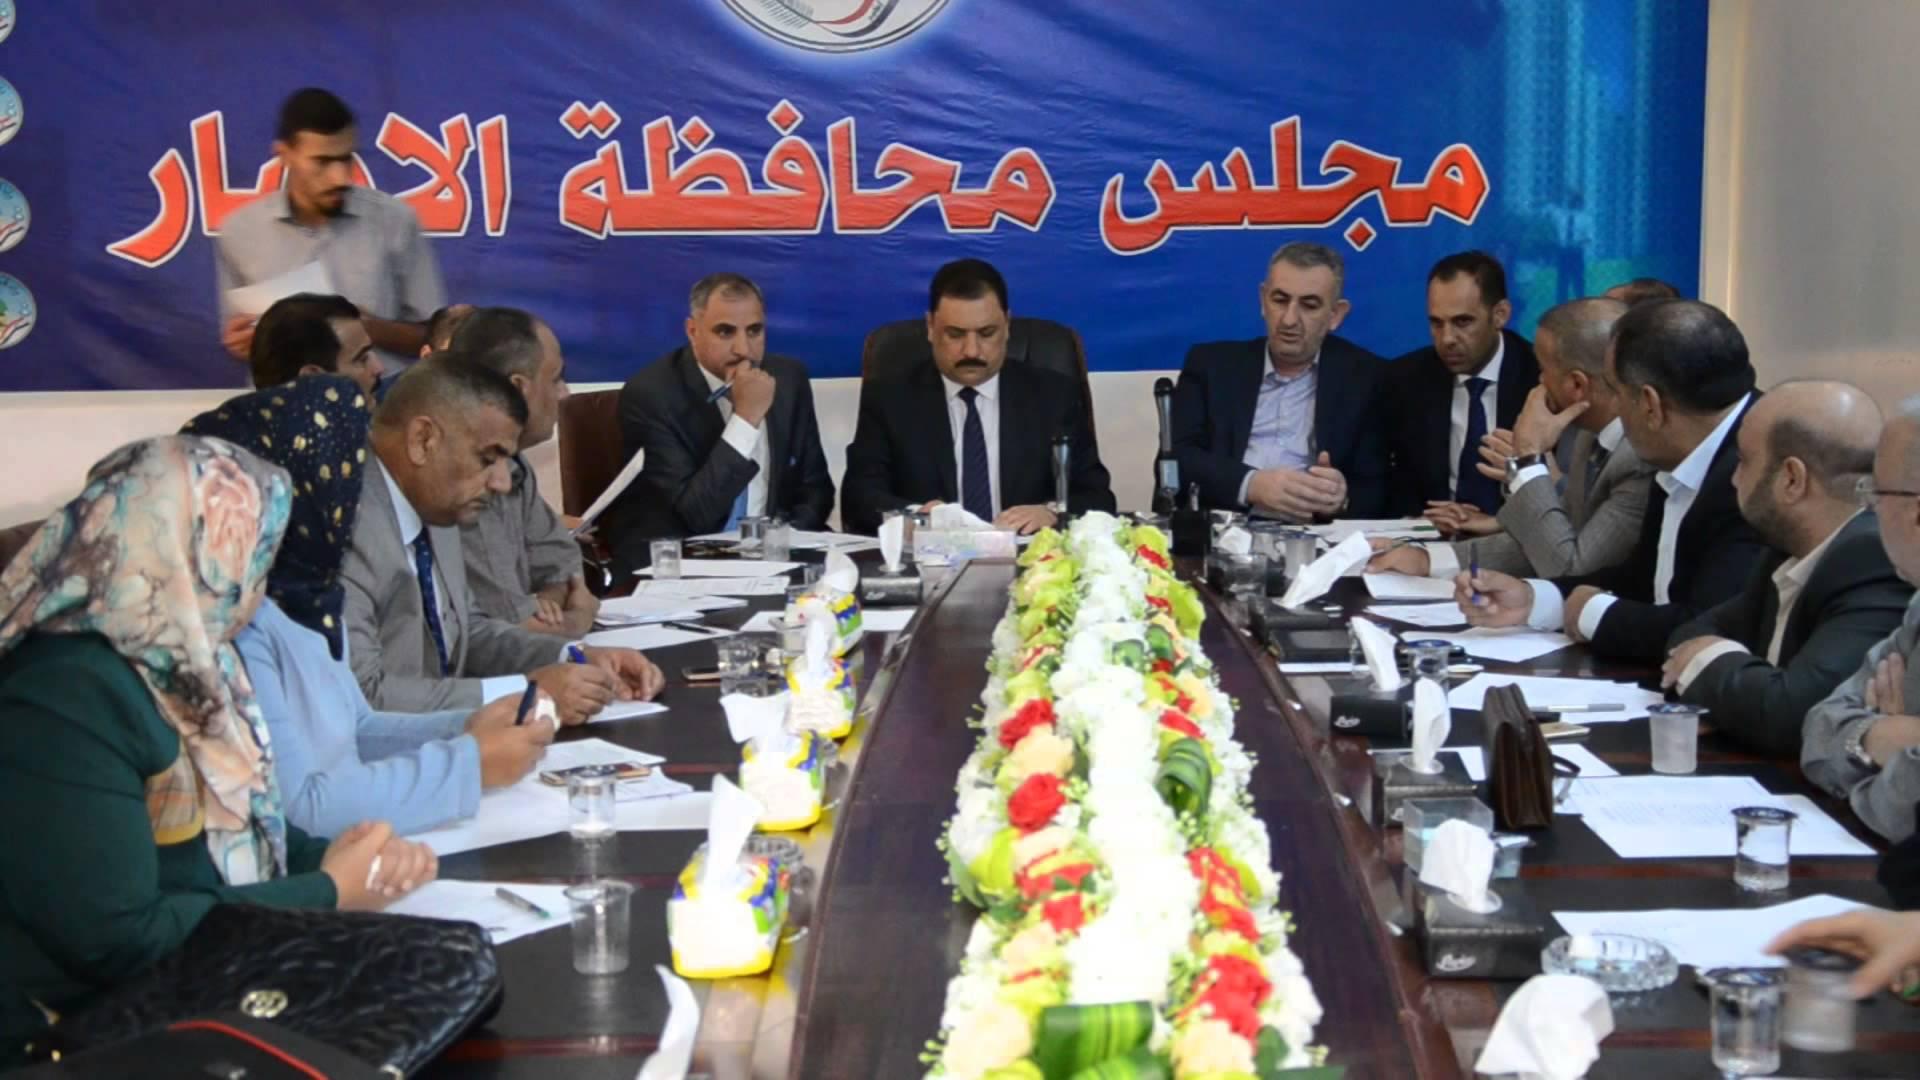 مجلس الأنبار يعلن موافقة الصحة على تحويل مبناه الجديد إلى مستشفى الخالدية